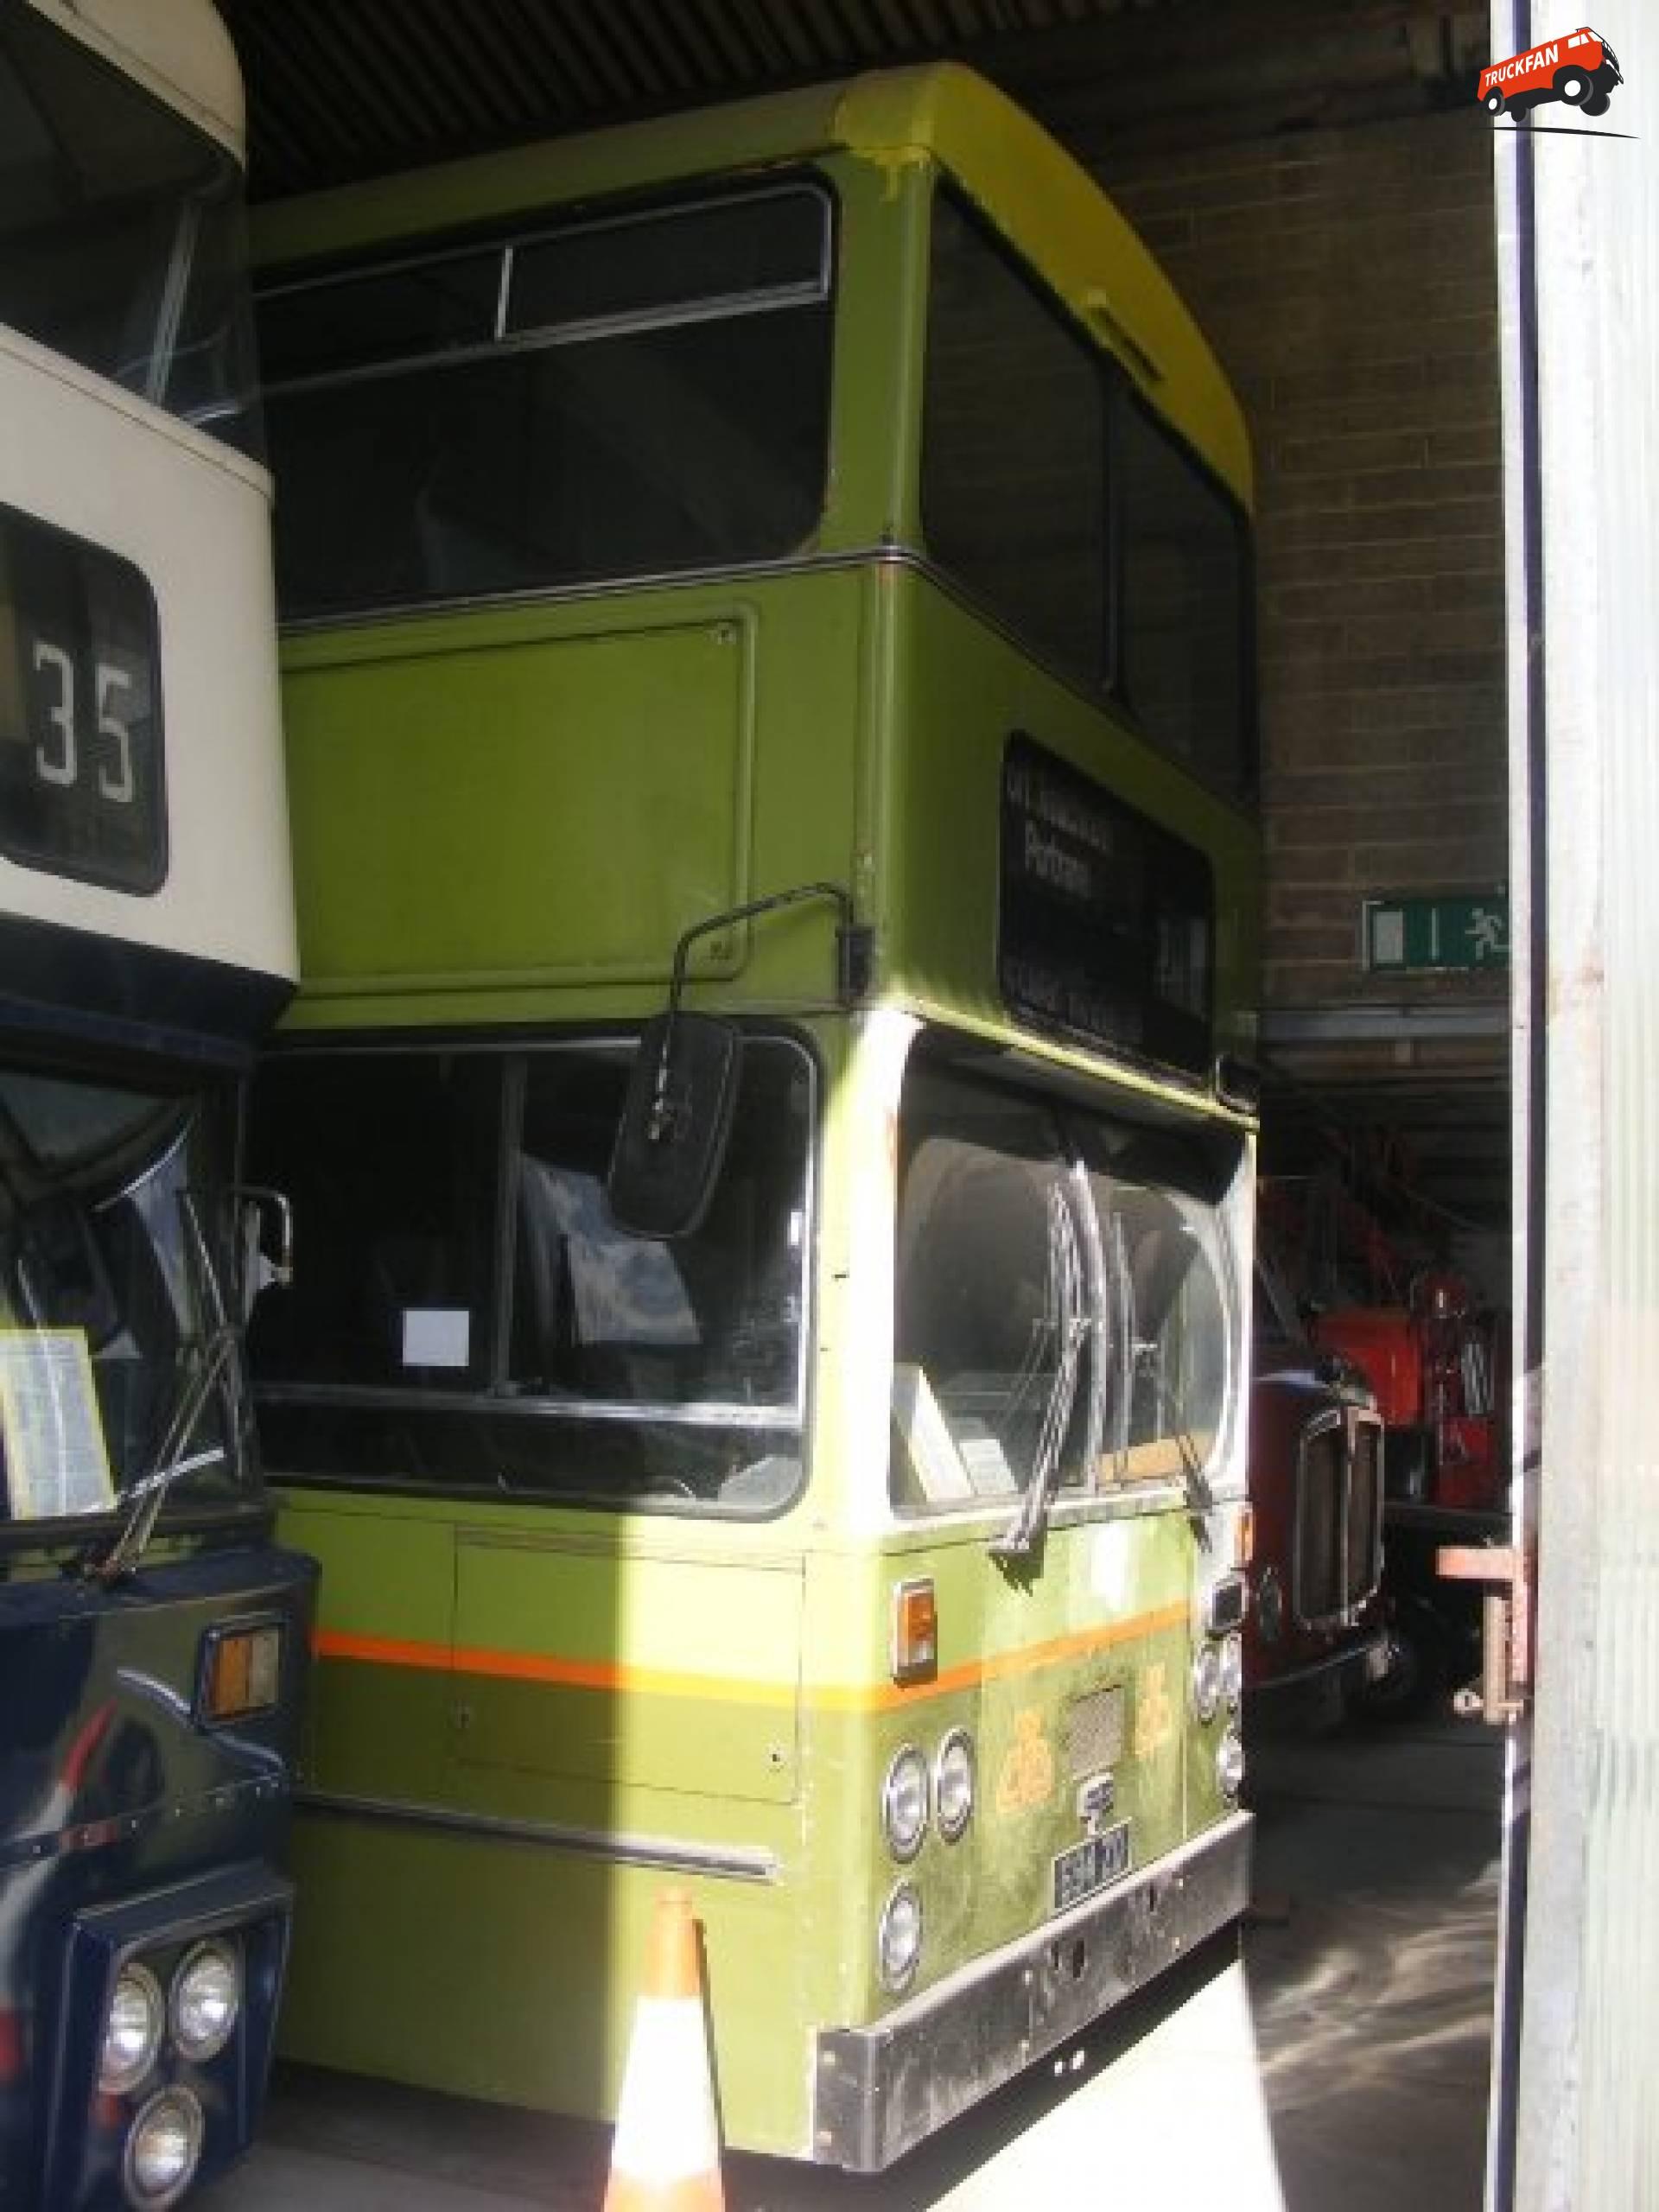 Van Hool-McArdle bus